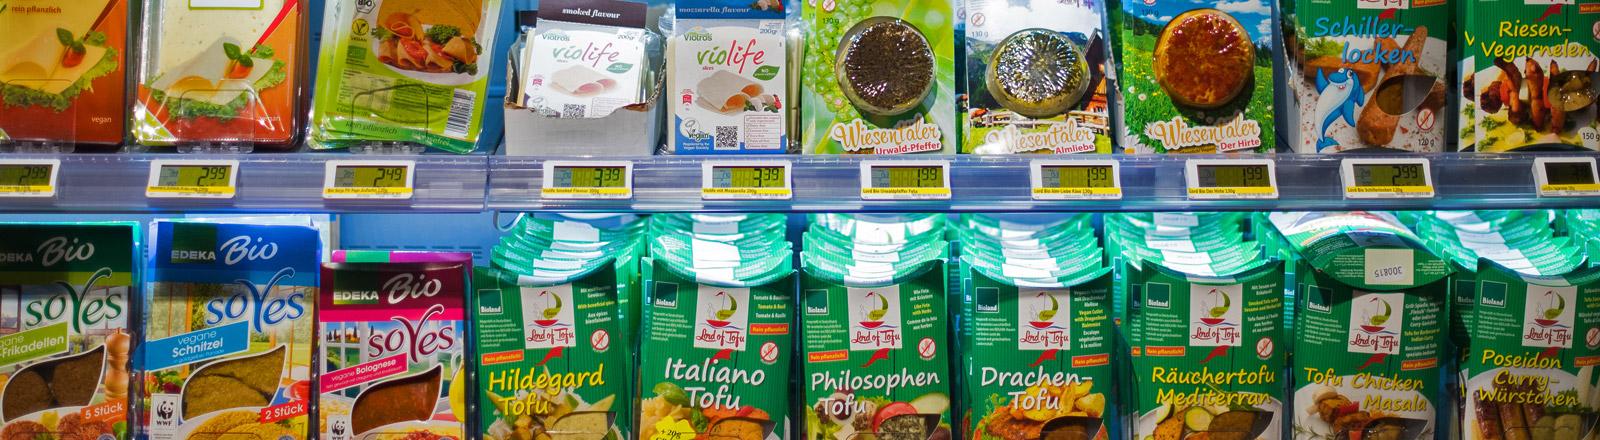 Vegetarische Produkte im Supermarkt-Regal